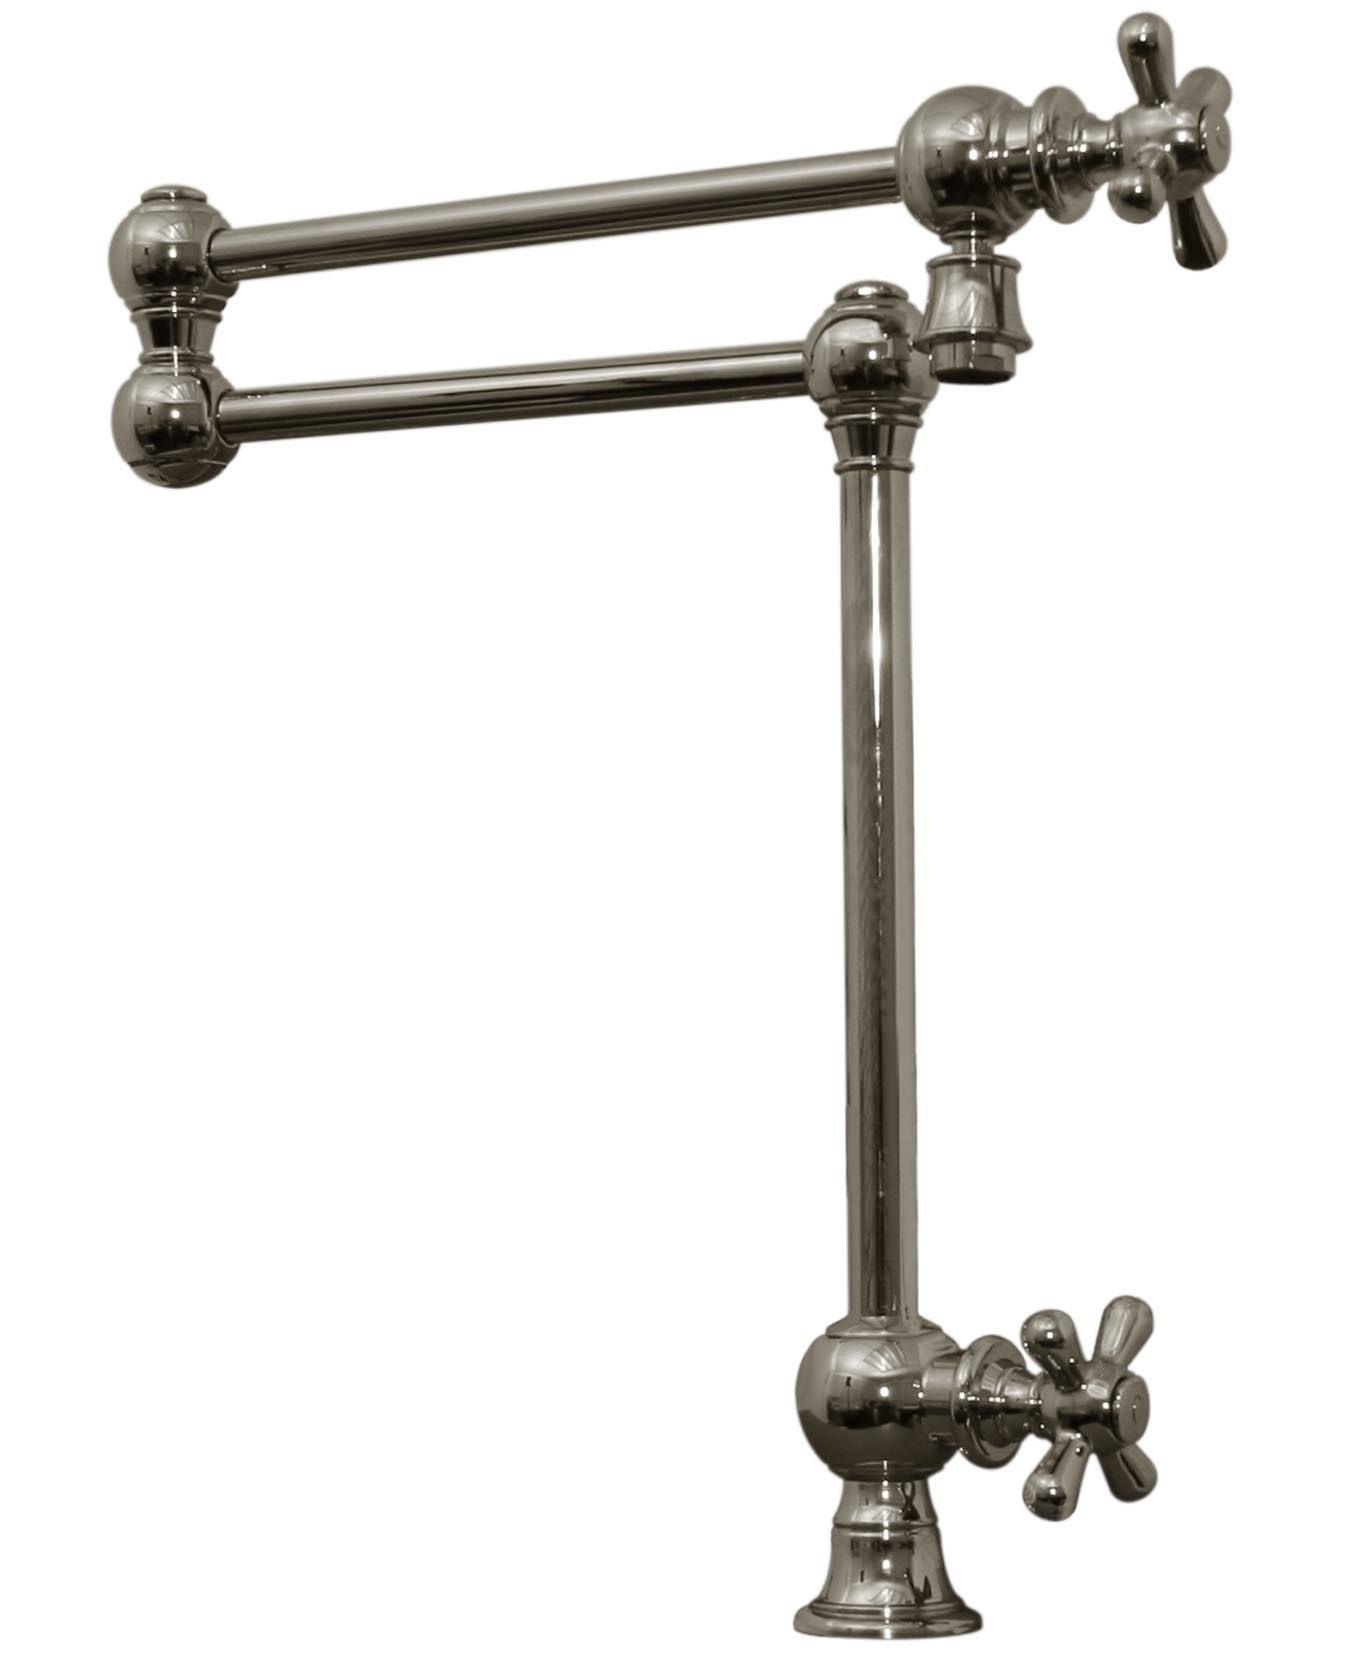 Kitchen Faucet Swivel Aerator Whitehaus Faucets Whitehaus Faucet Whitehaus Faucets Whitehaus